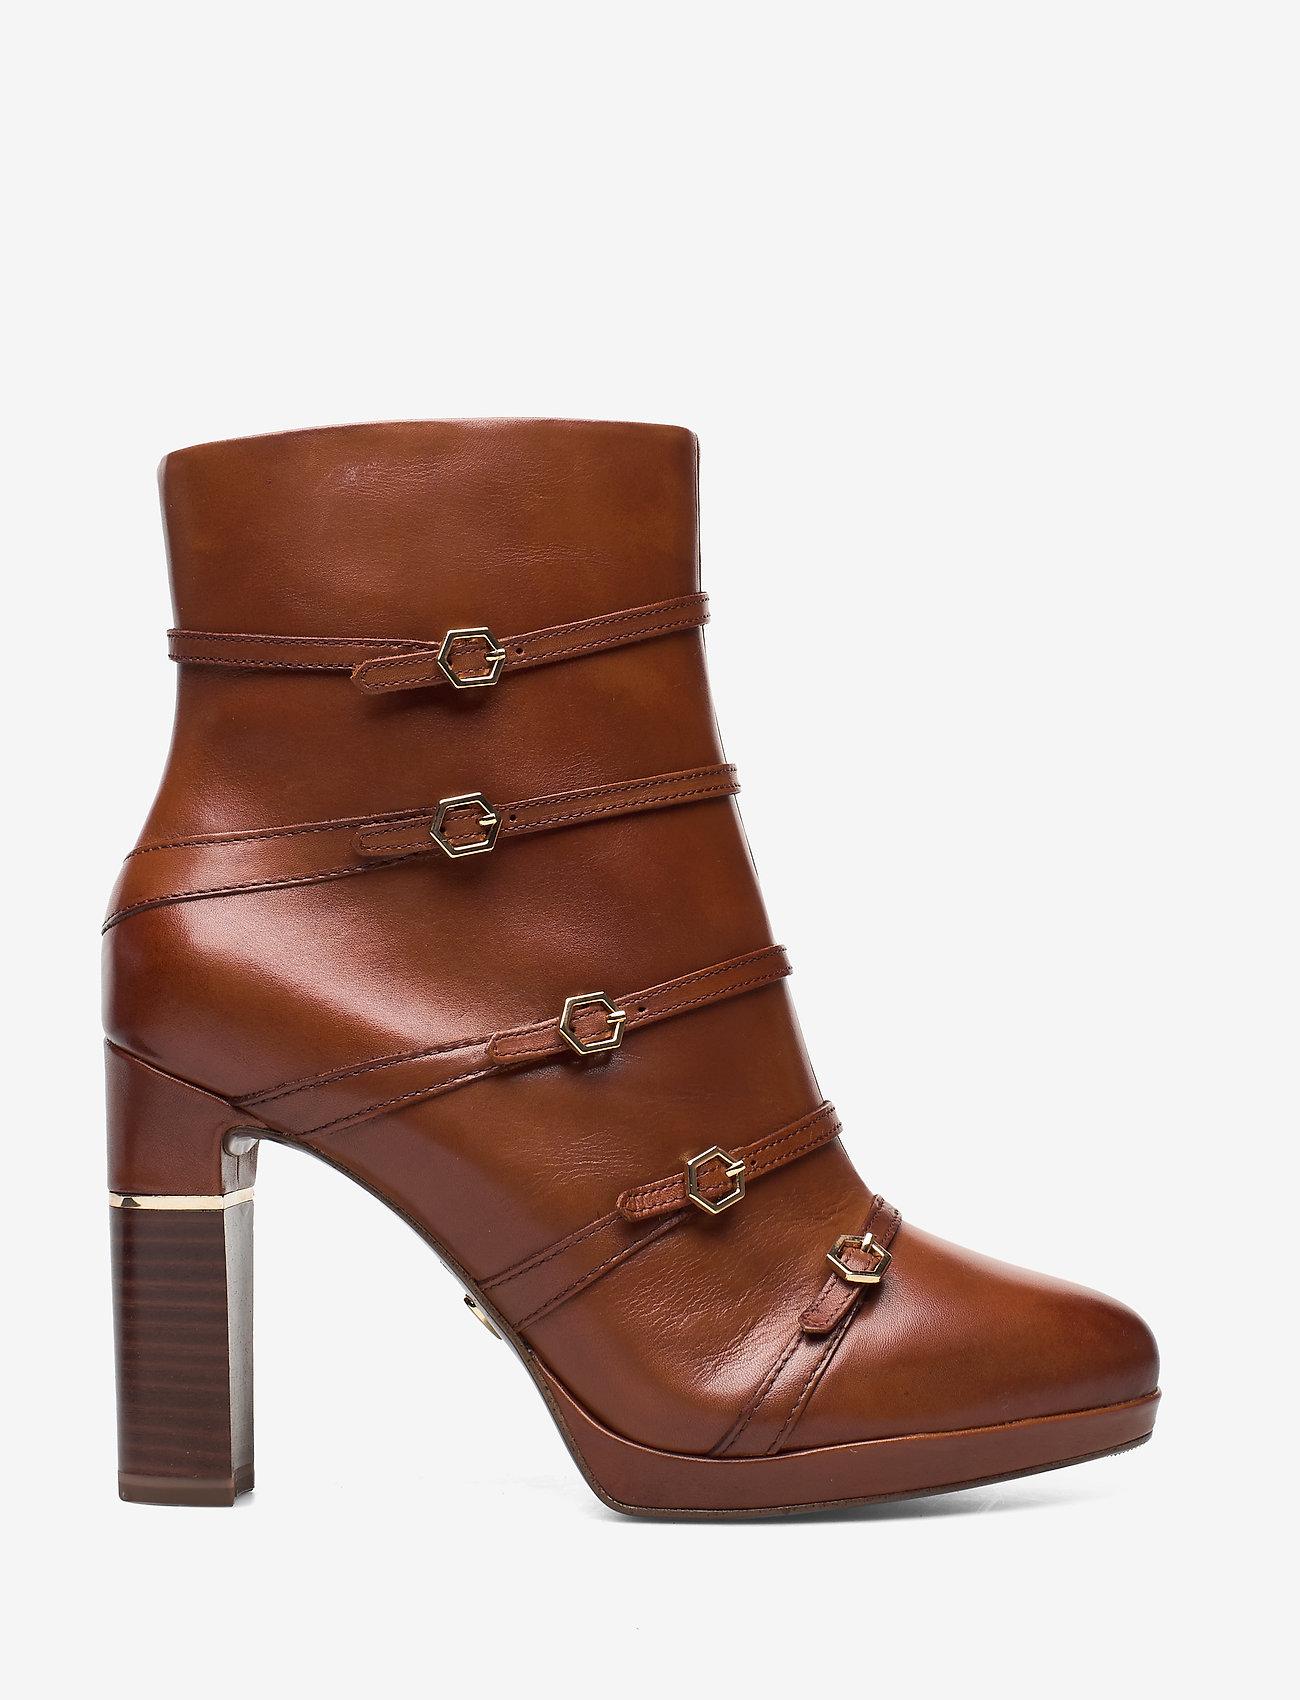 Woms Boots (Cognac) - Tamaris Heart & Sole nErO0C